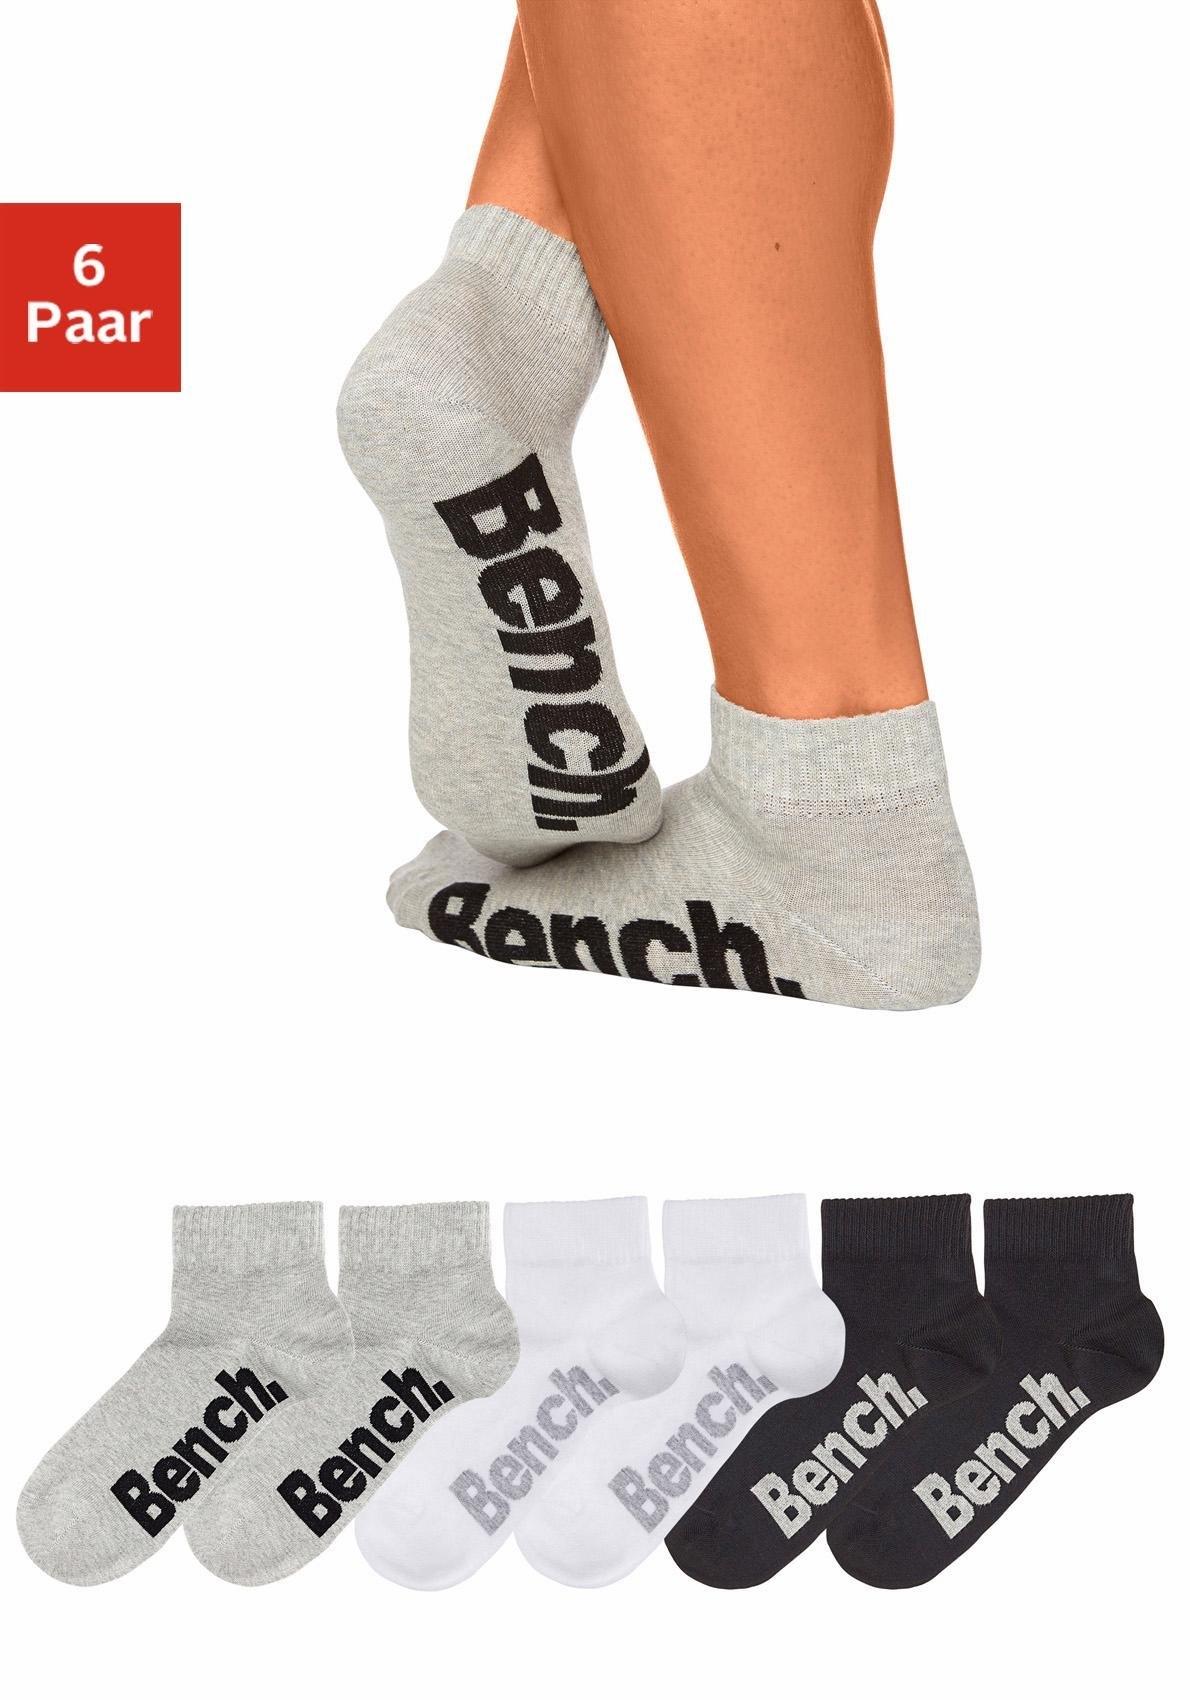 Bench. korte sokken (6 paar) met comfortabele ribboorden - verschillende betaalmethodes